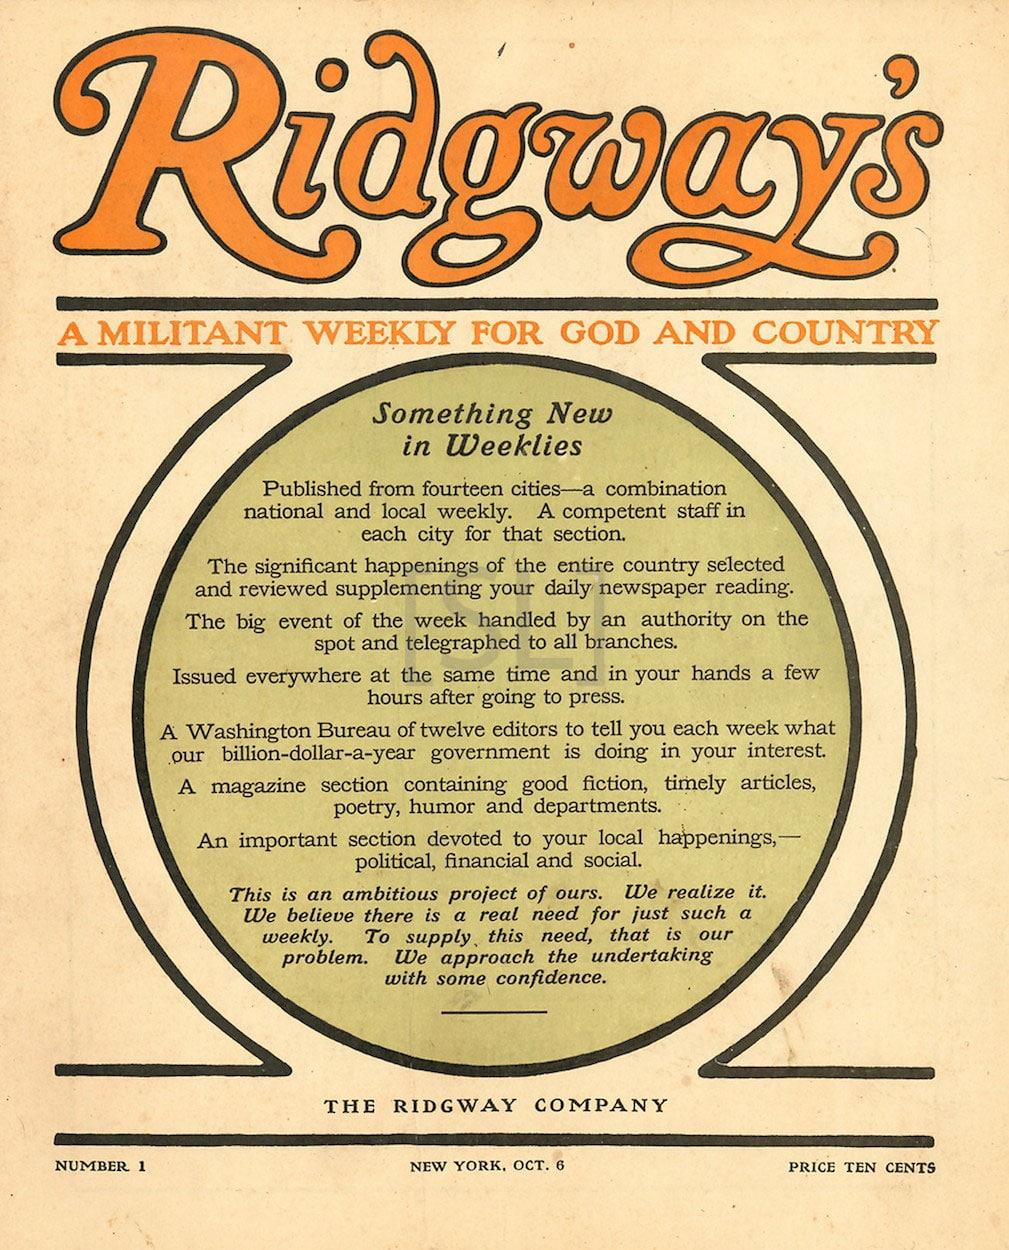 Ridgeway's